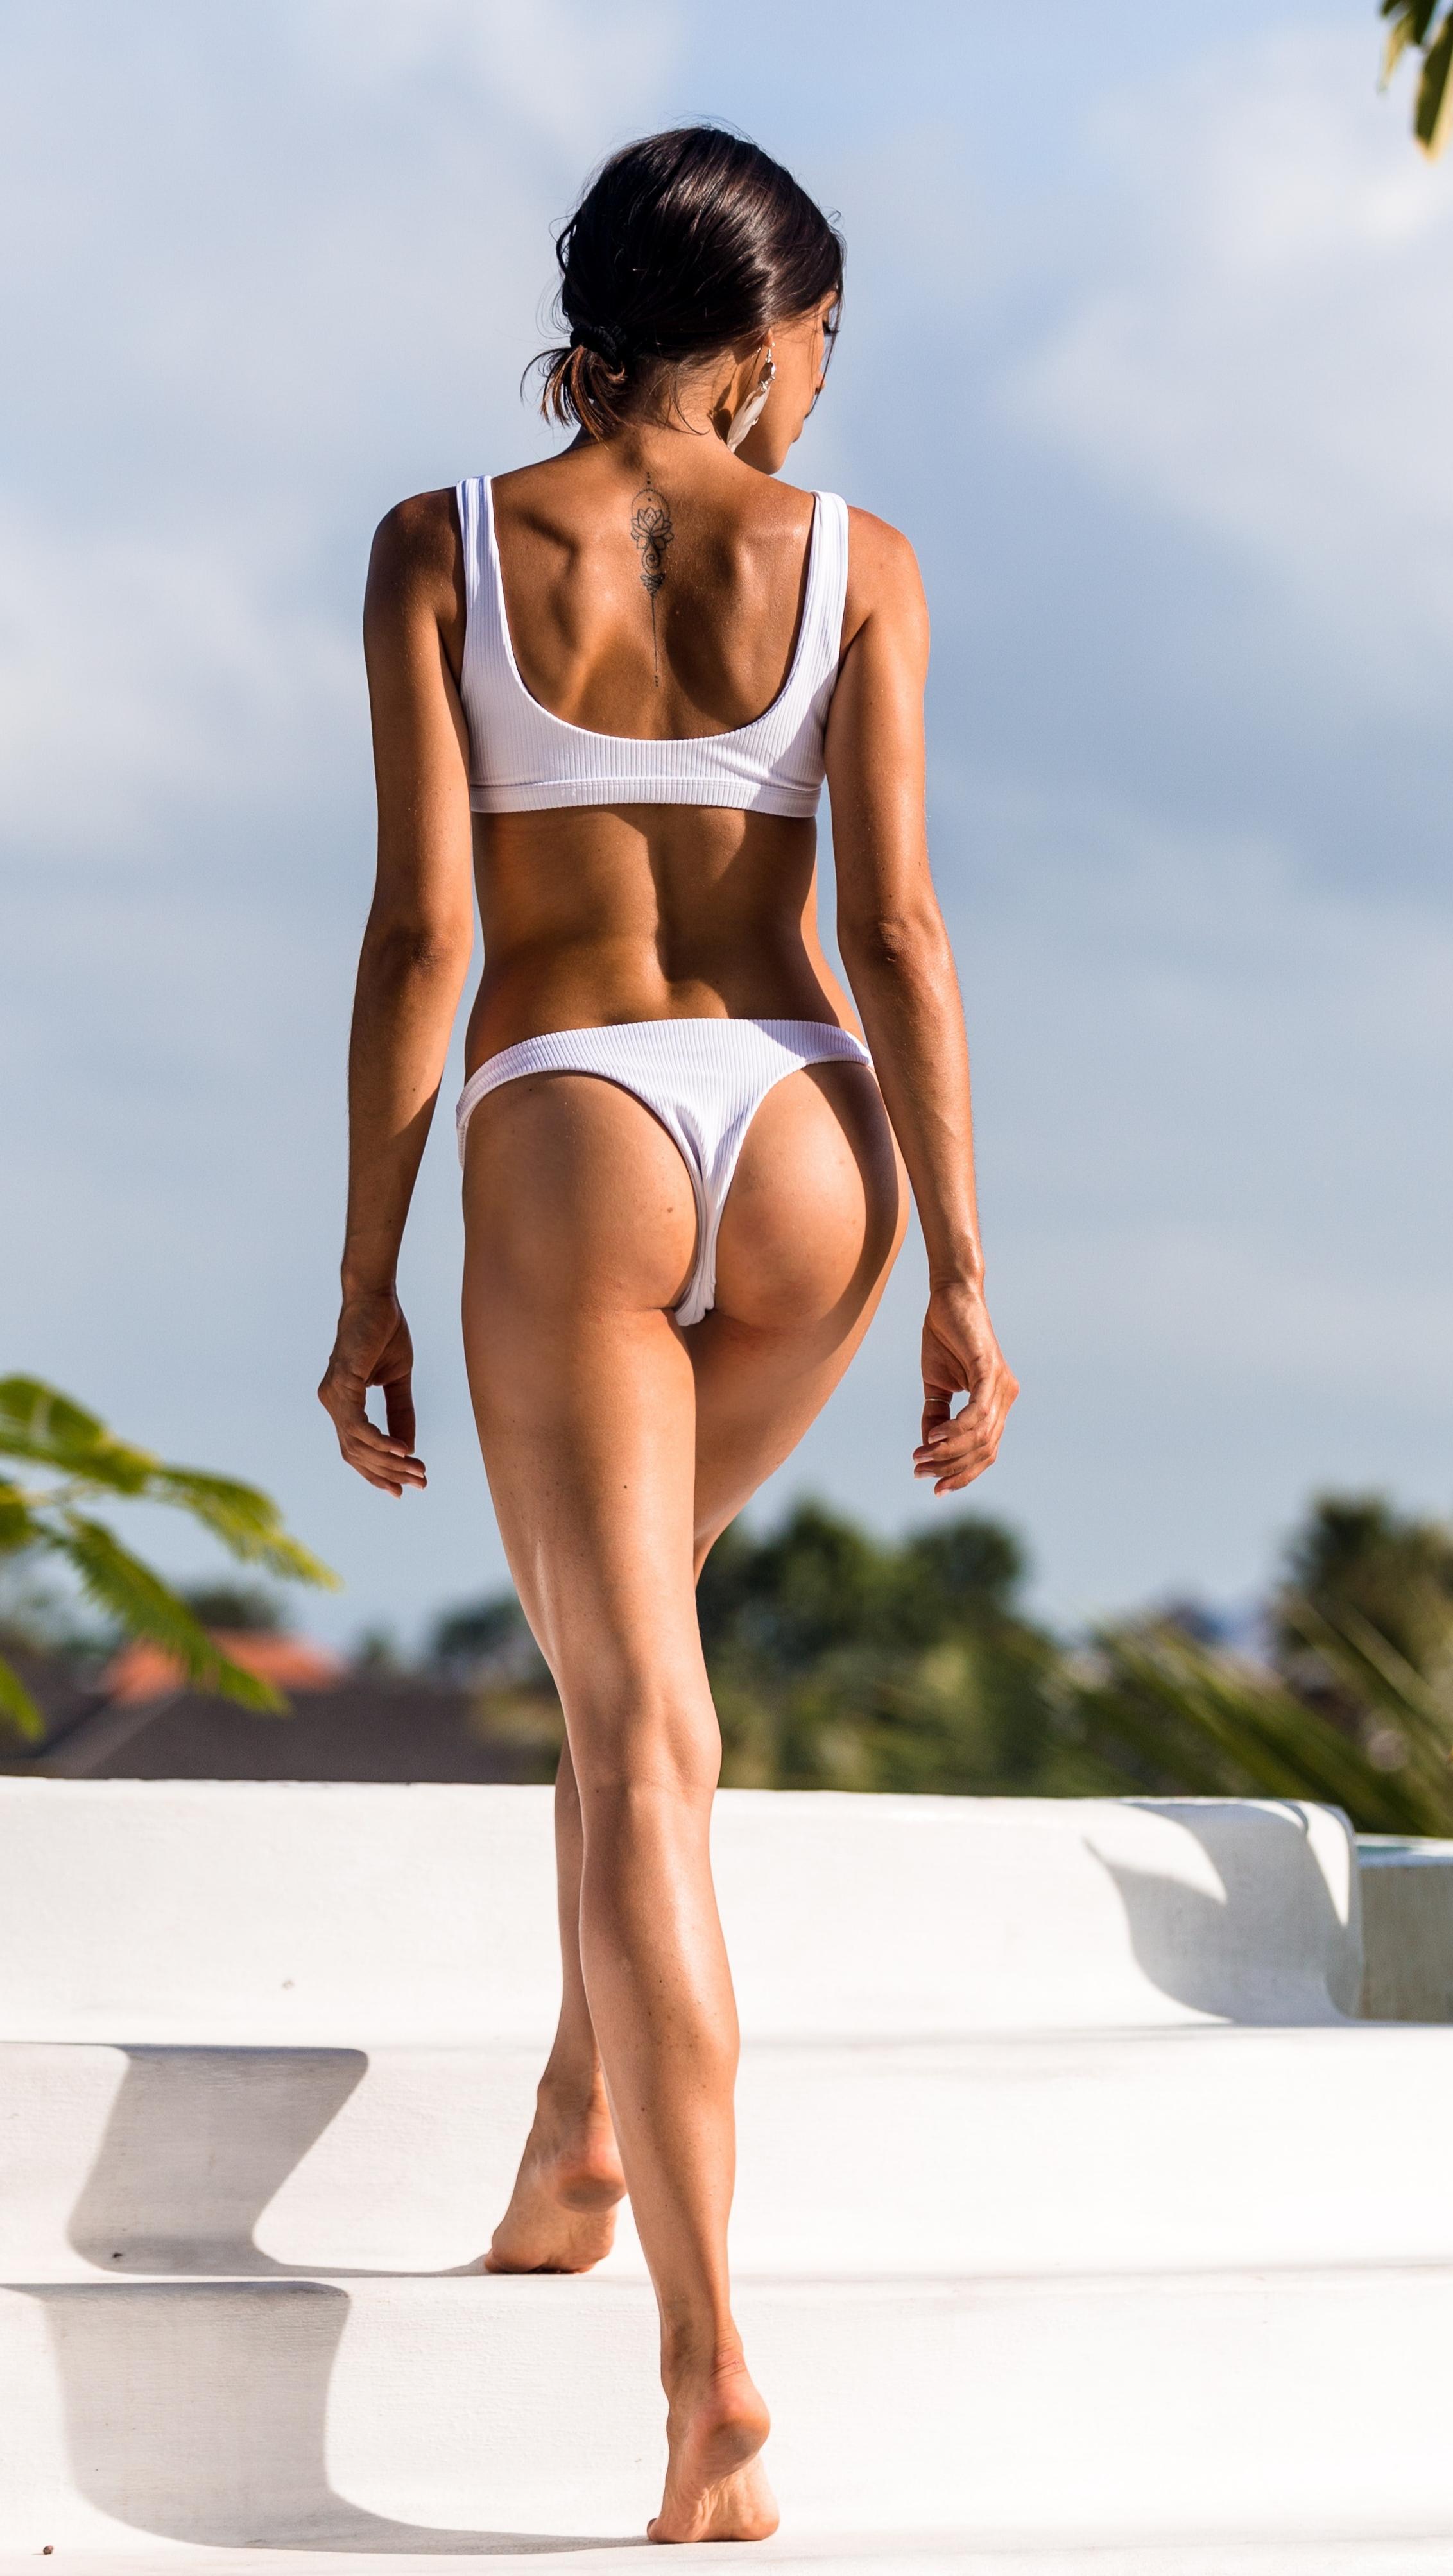 タグ付きの画像:HD, 面白い。, 水着, 未知のモデル, お尻, 女の子